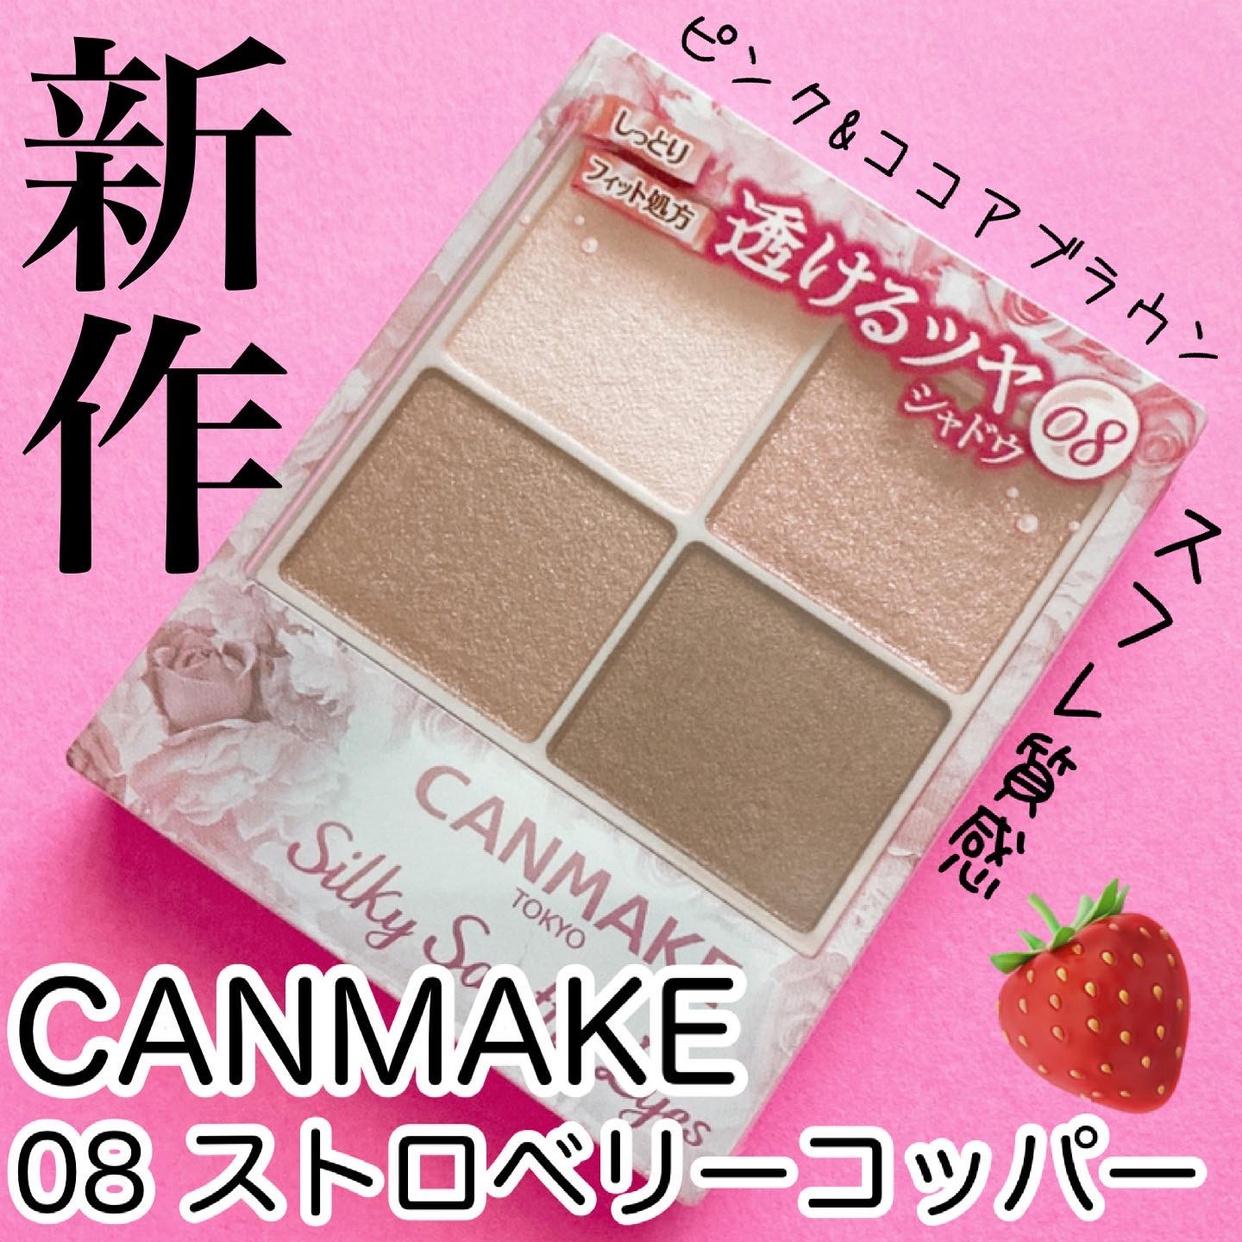 CANMAKE(キャンメイク) シルキースフレアイズを使ったyunaさんのクチコミ画像1